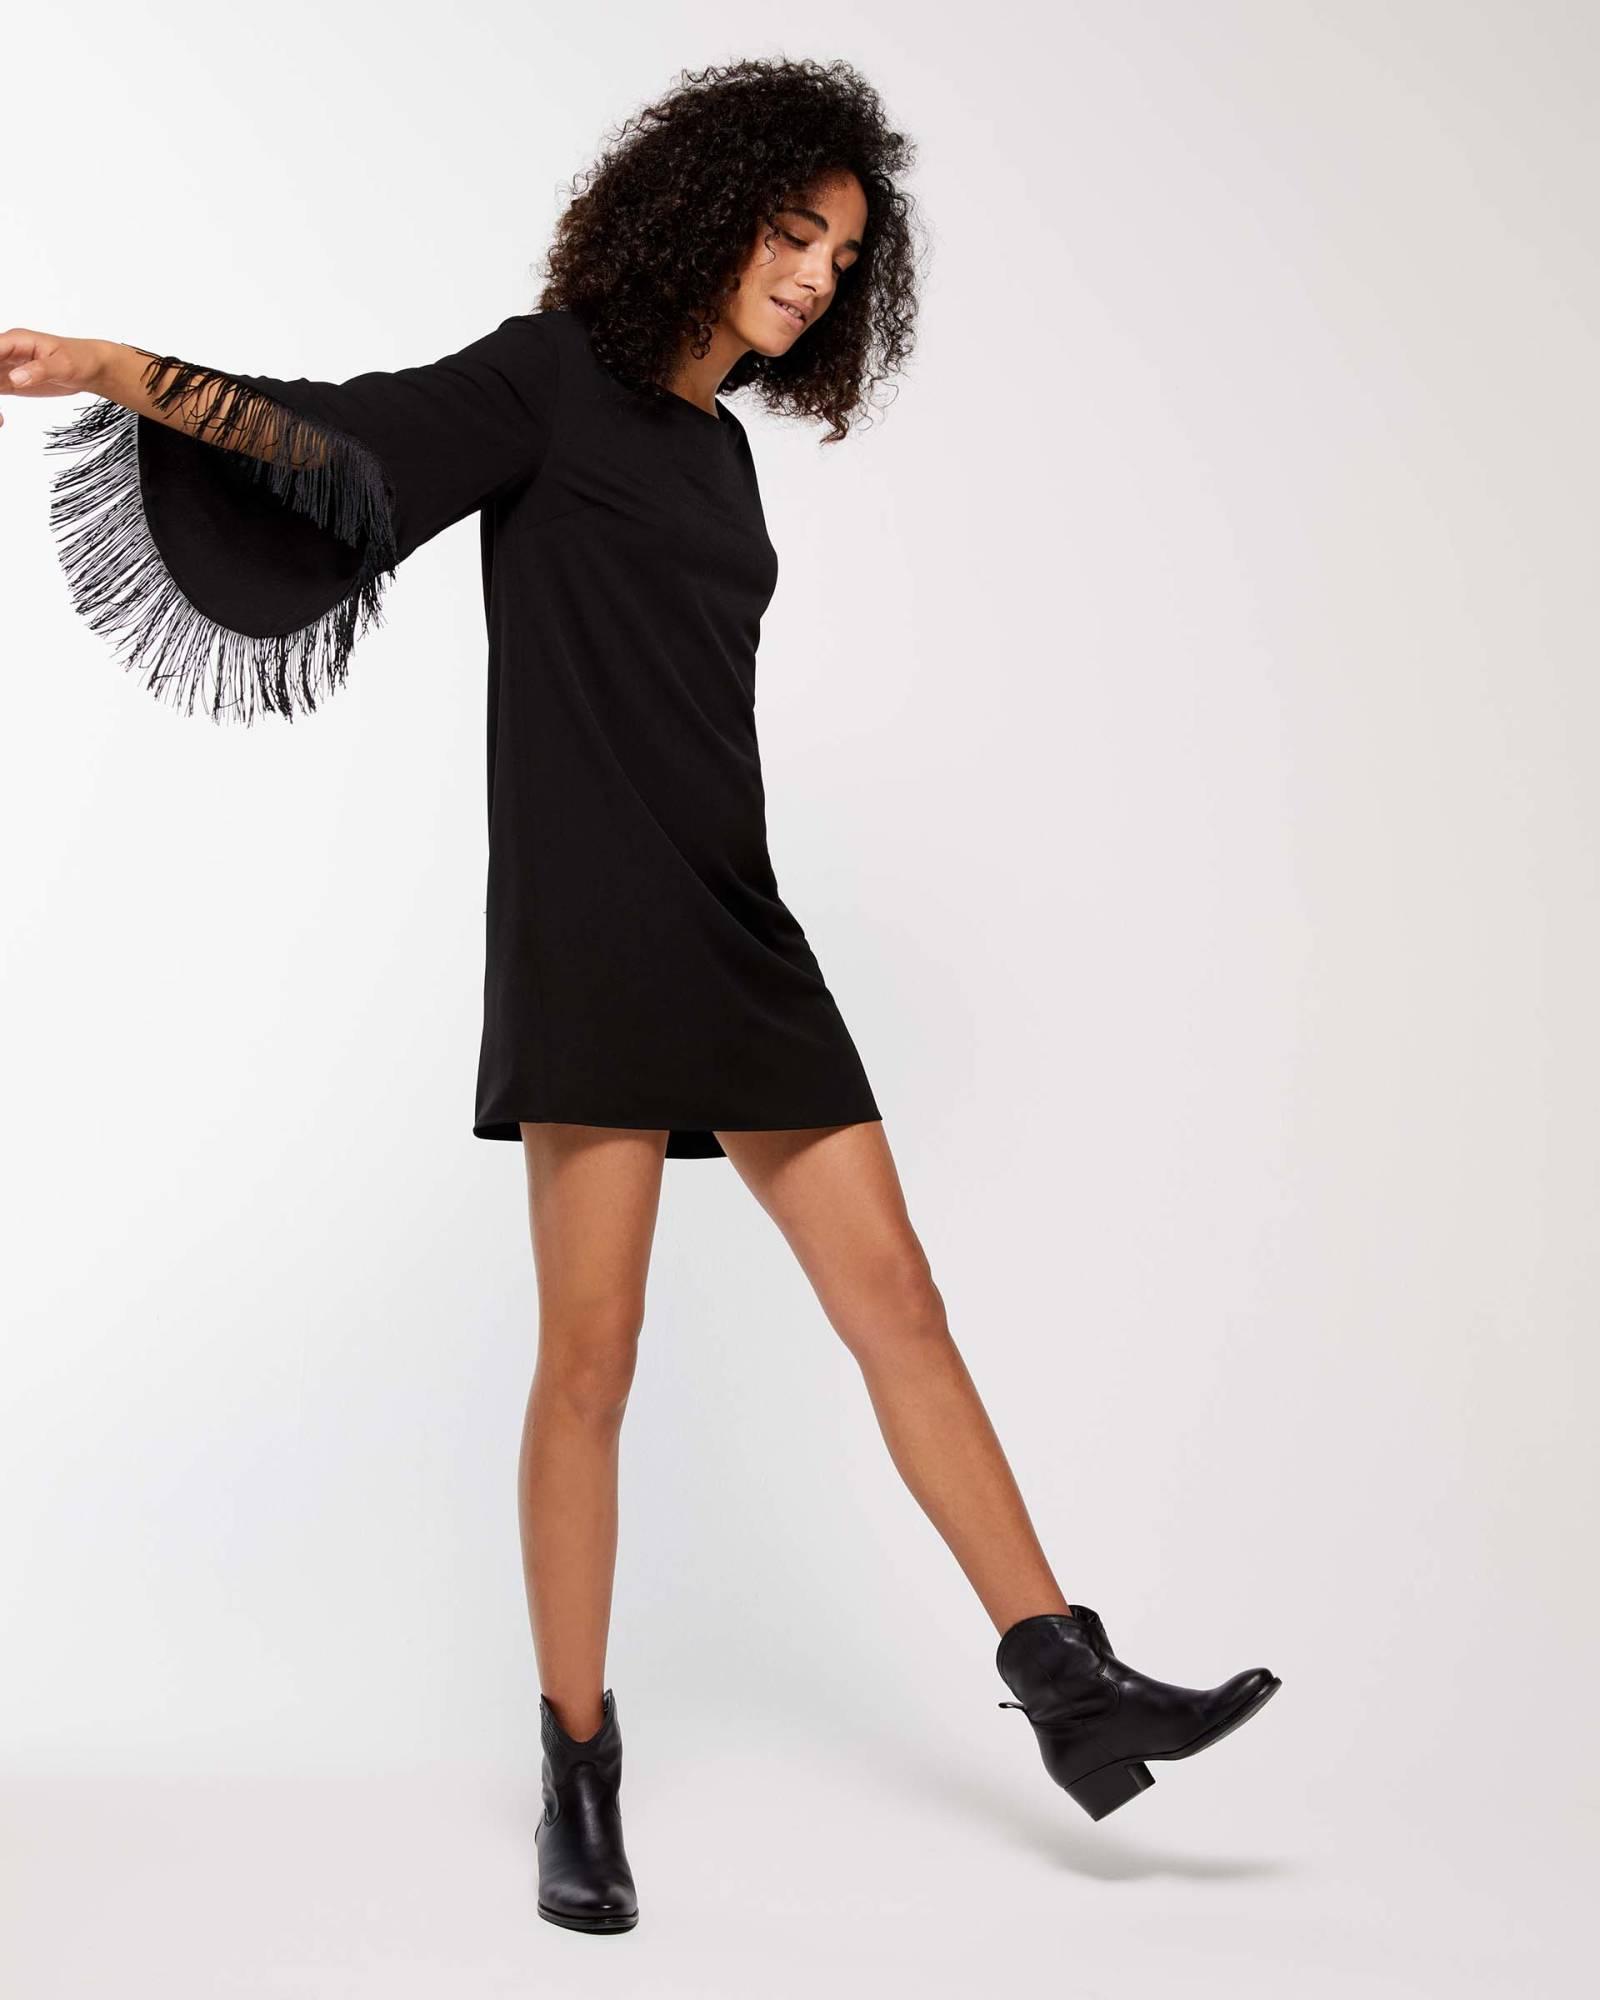 Vestito Sisley nero corto con frange collezione autunno inverno 2018 2019